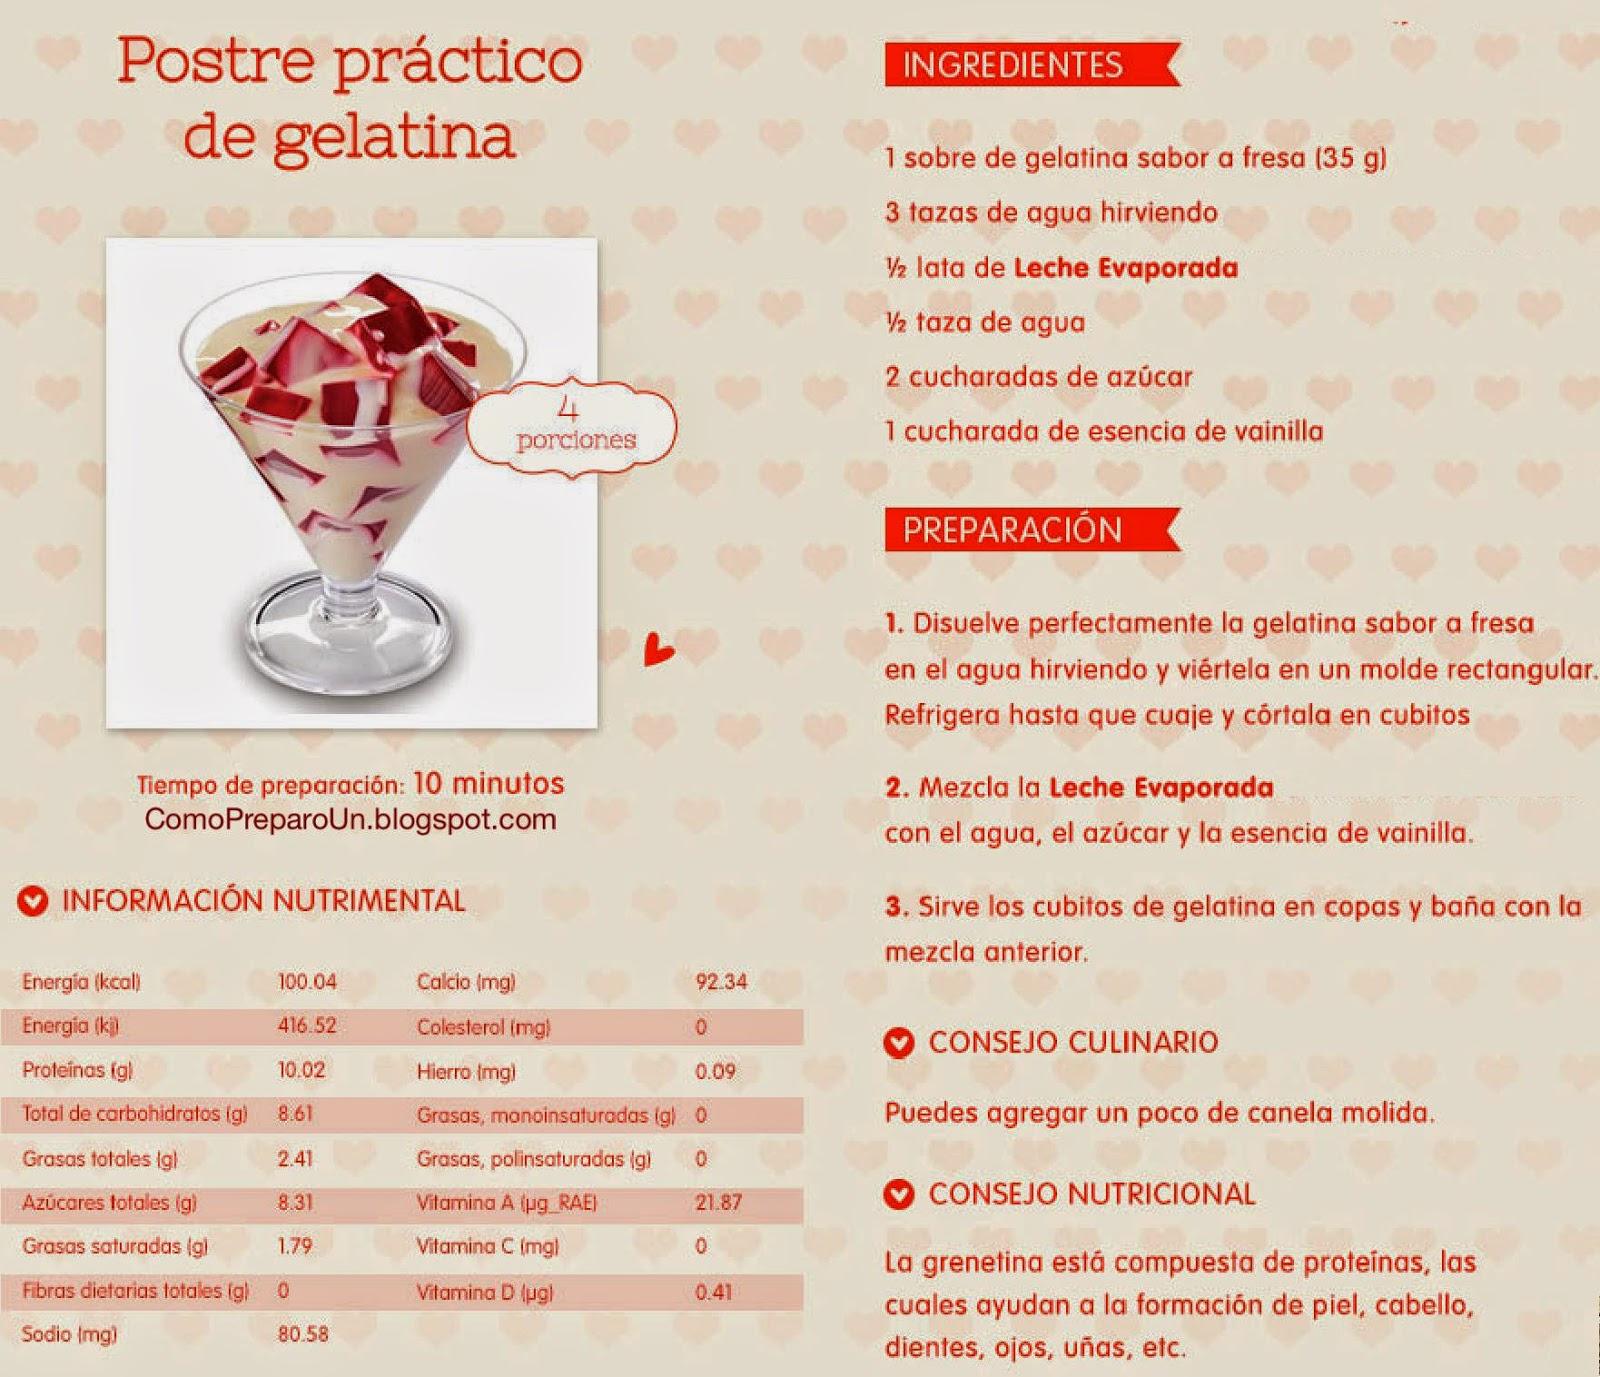 RECIPES - POSTRE PRÁCTICO DE GELATINA - Recetas por el Dia de San Valentín